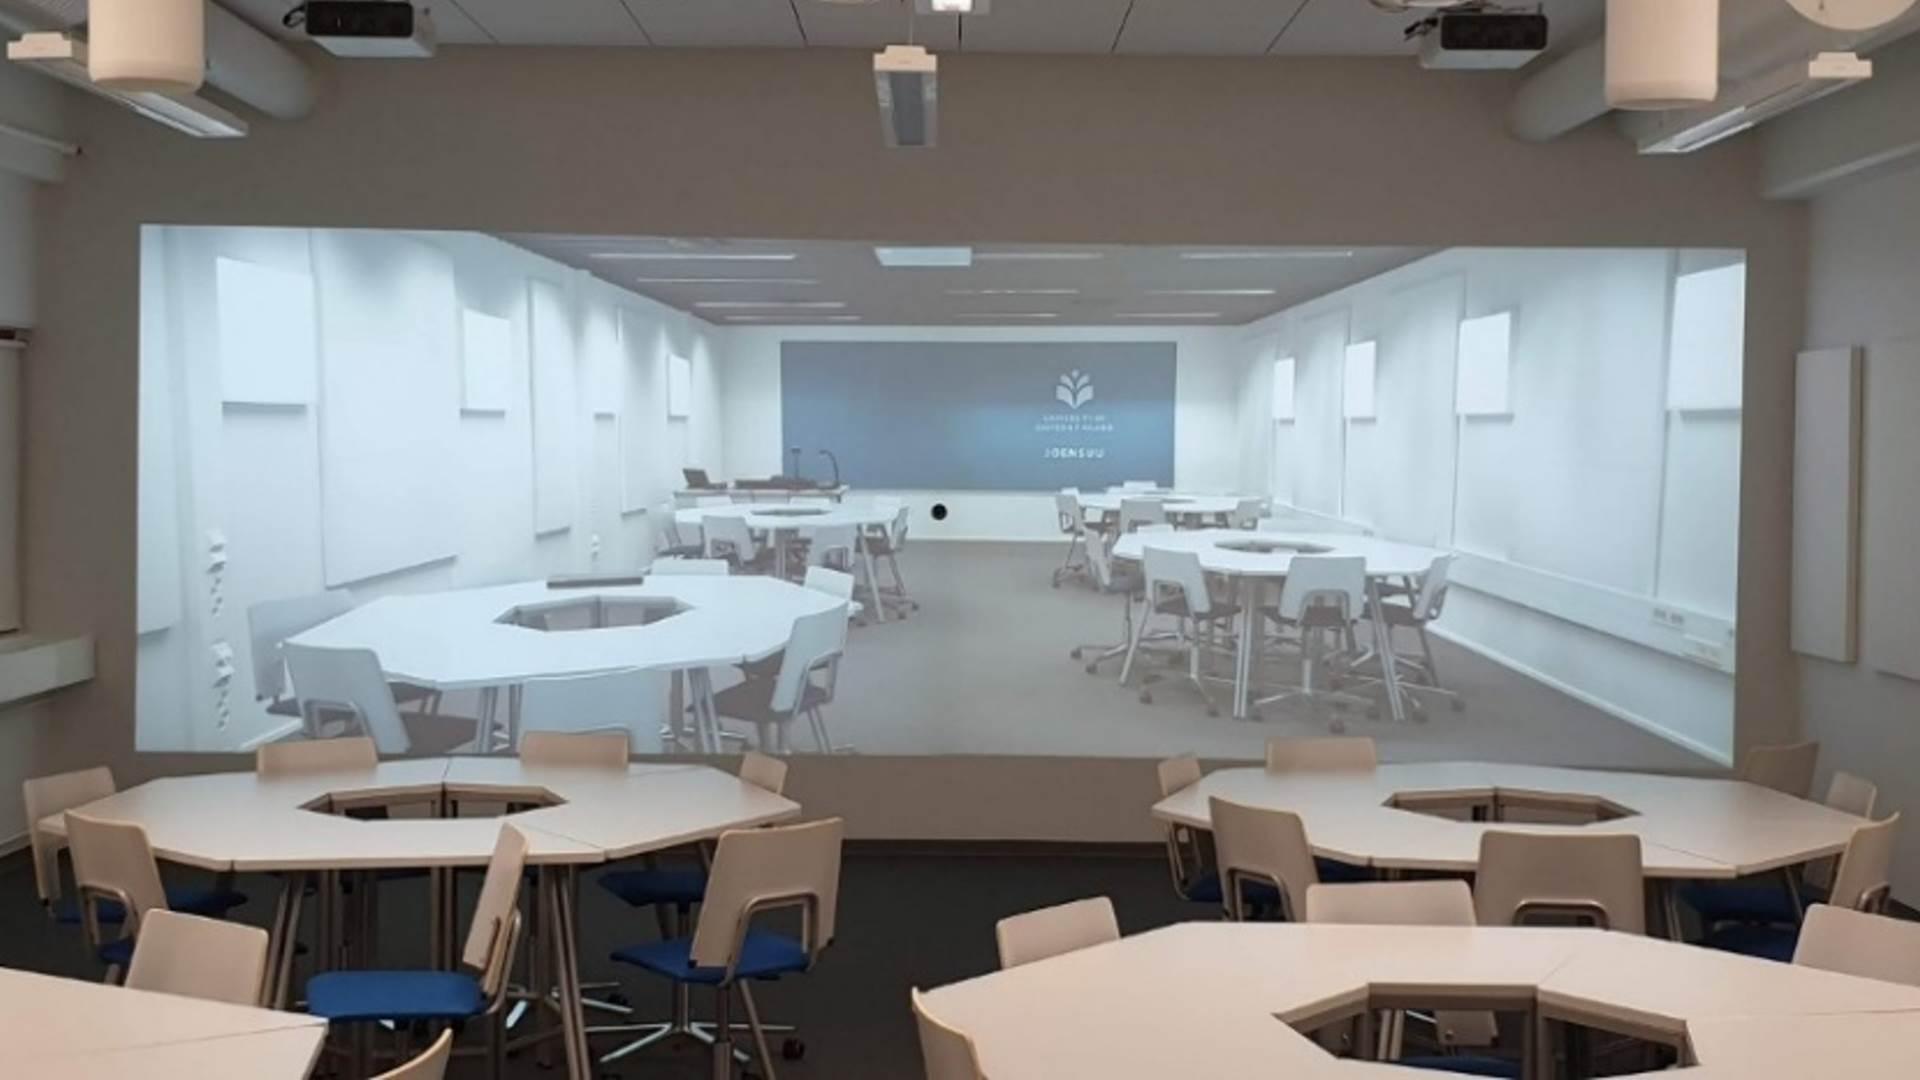 Multilocation Classroom -teknologia yhdistää kaksi luokkaa visuaalisesti toisiinsa Kuva StreamPlay